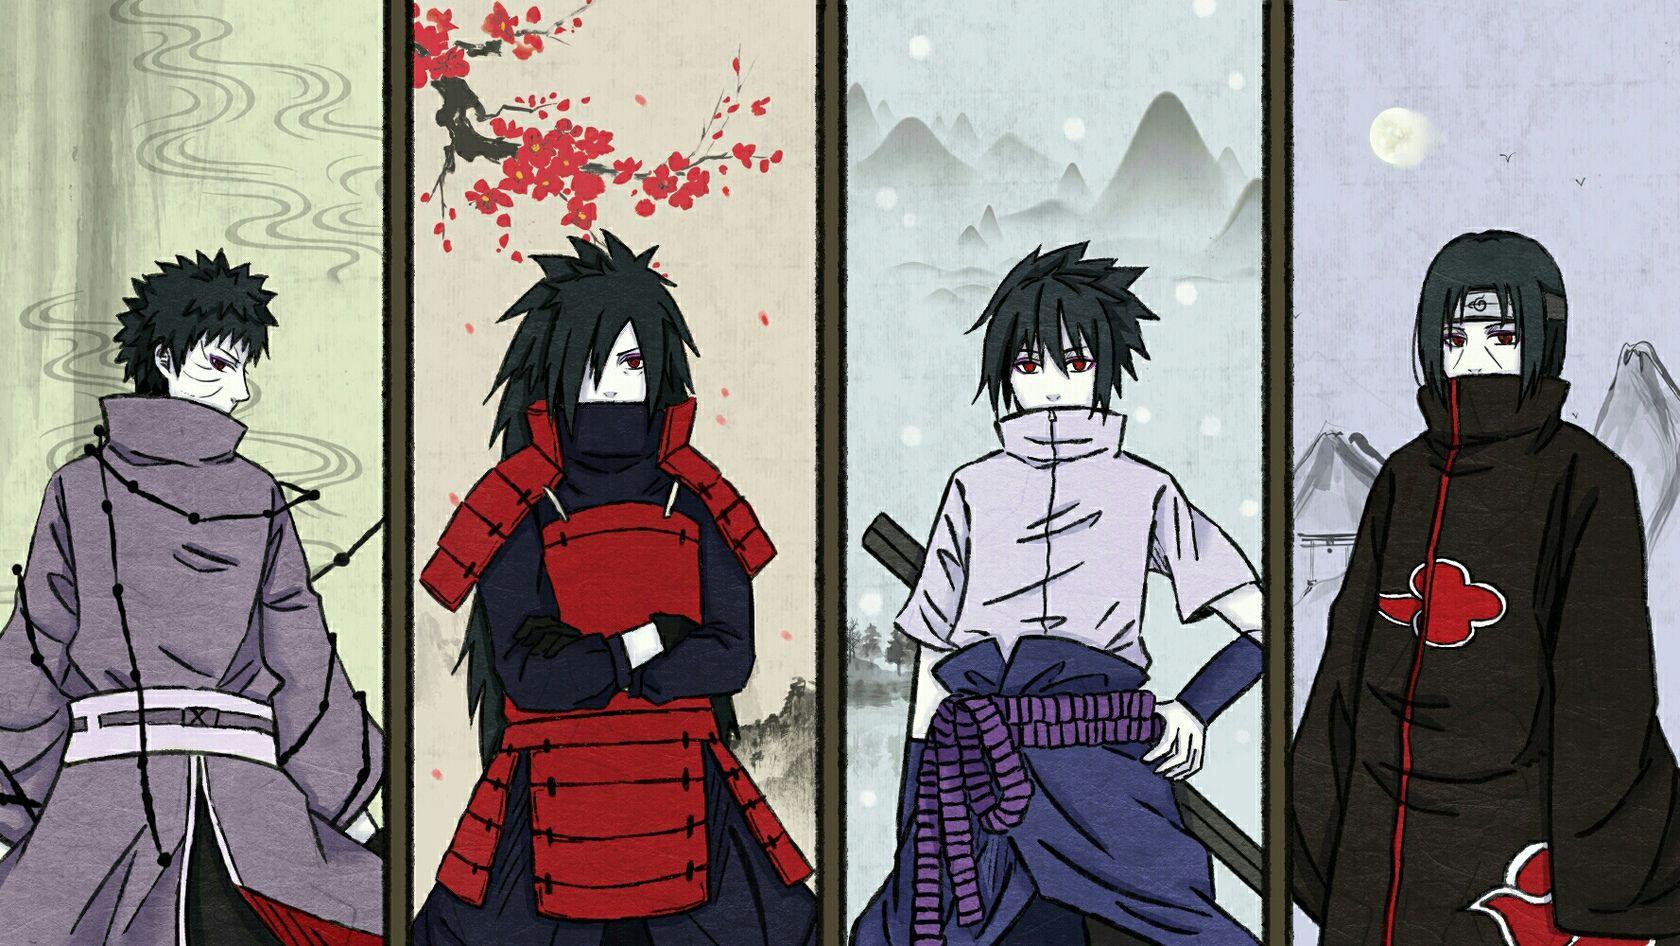 一直想画的风花雪月宇智波屏风√K_君迁子 Dibujos, Materiales de arte, Naruto